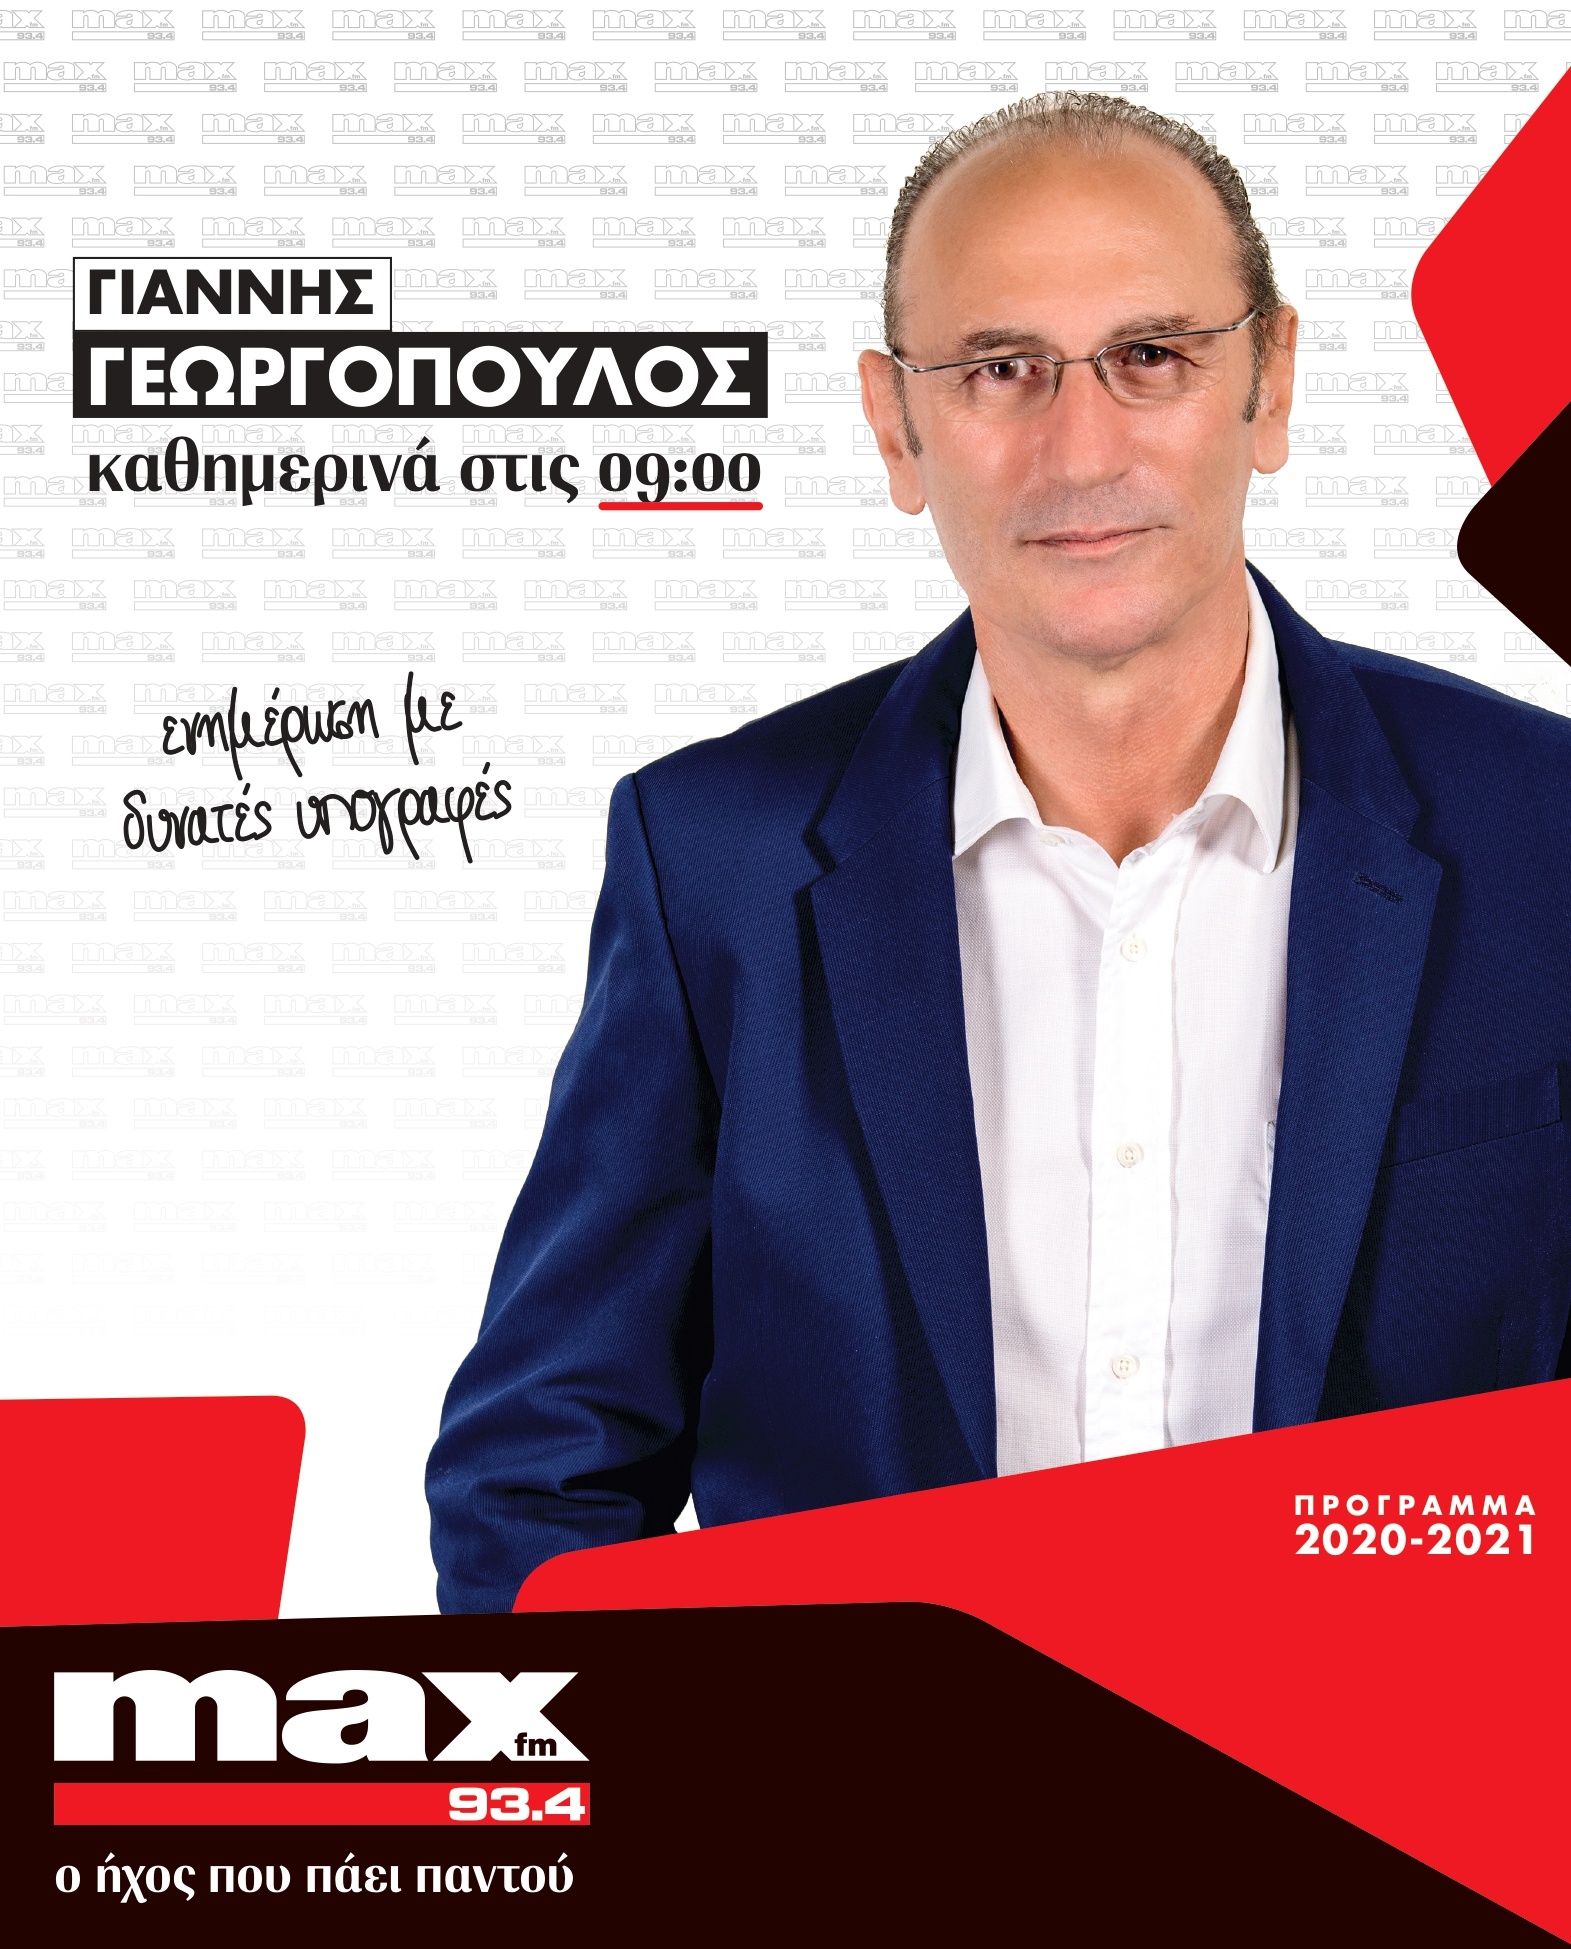 GEORGOPOULOS MAX PROGRAMMA 26,6x33 K776_page-0001